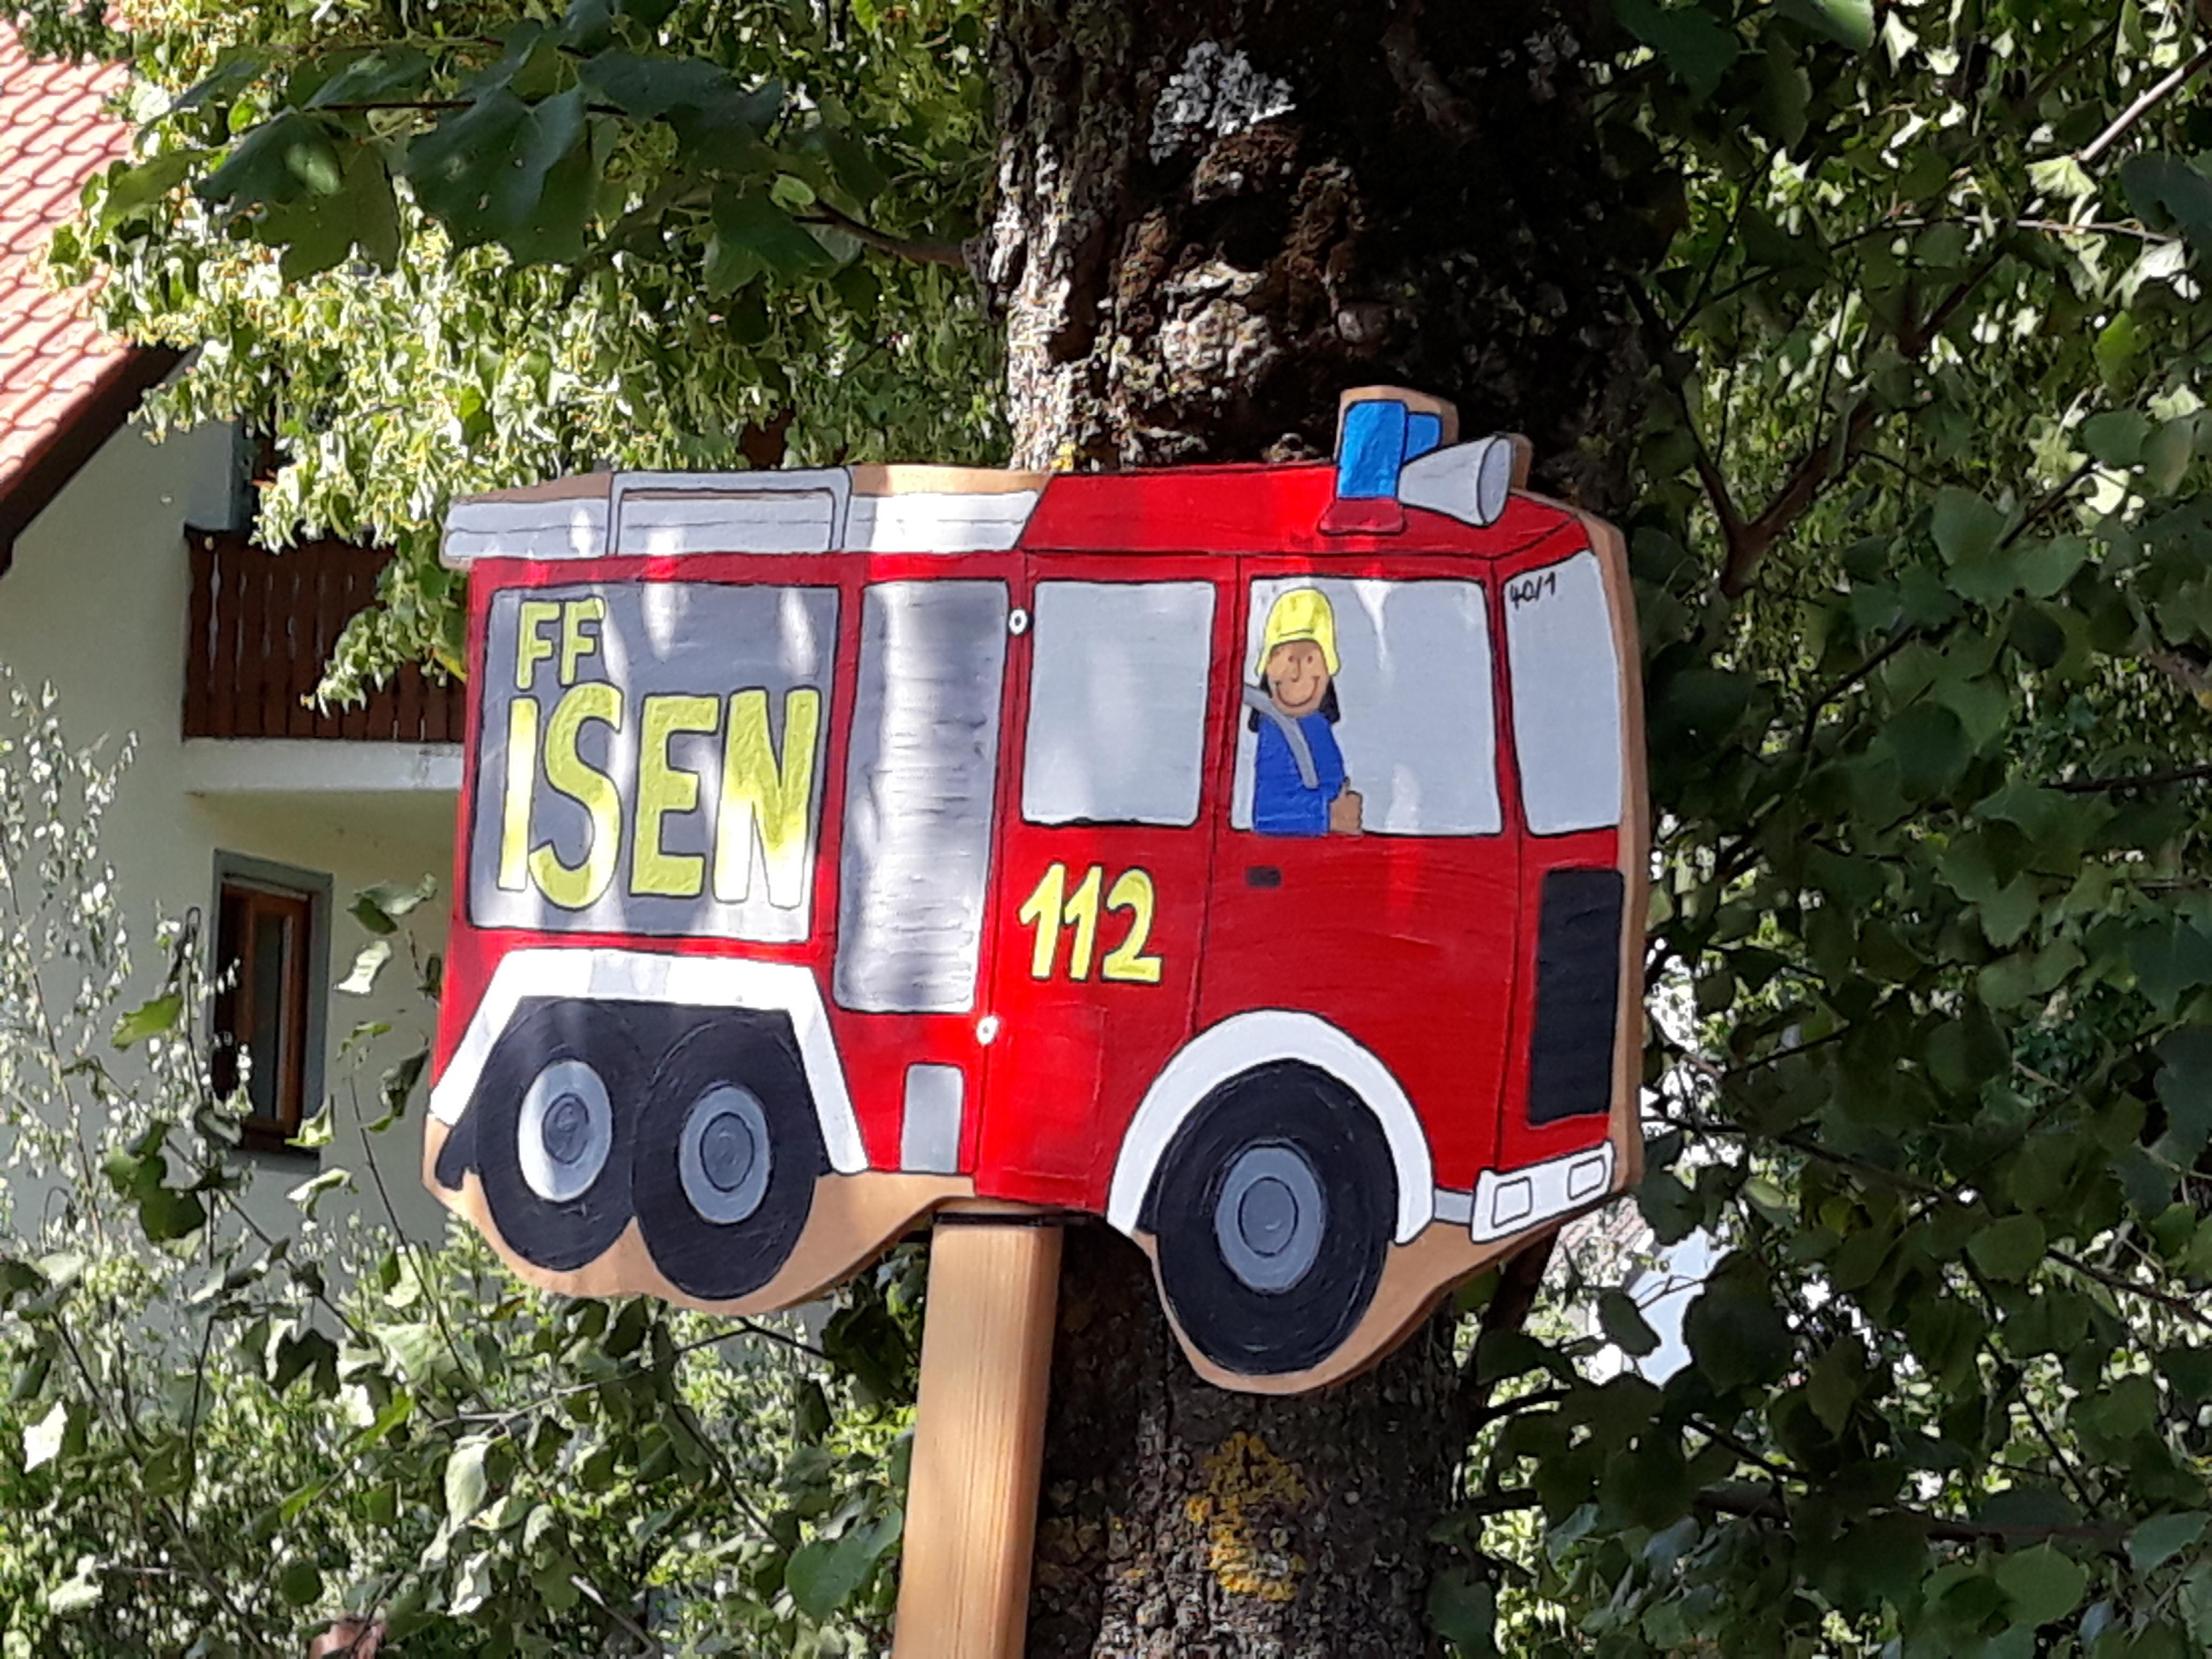 Neues Einsatzfahrzeug der Feuerwehr Isen?